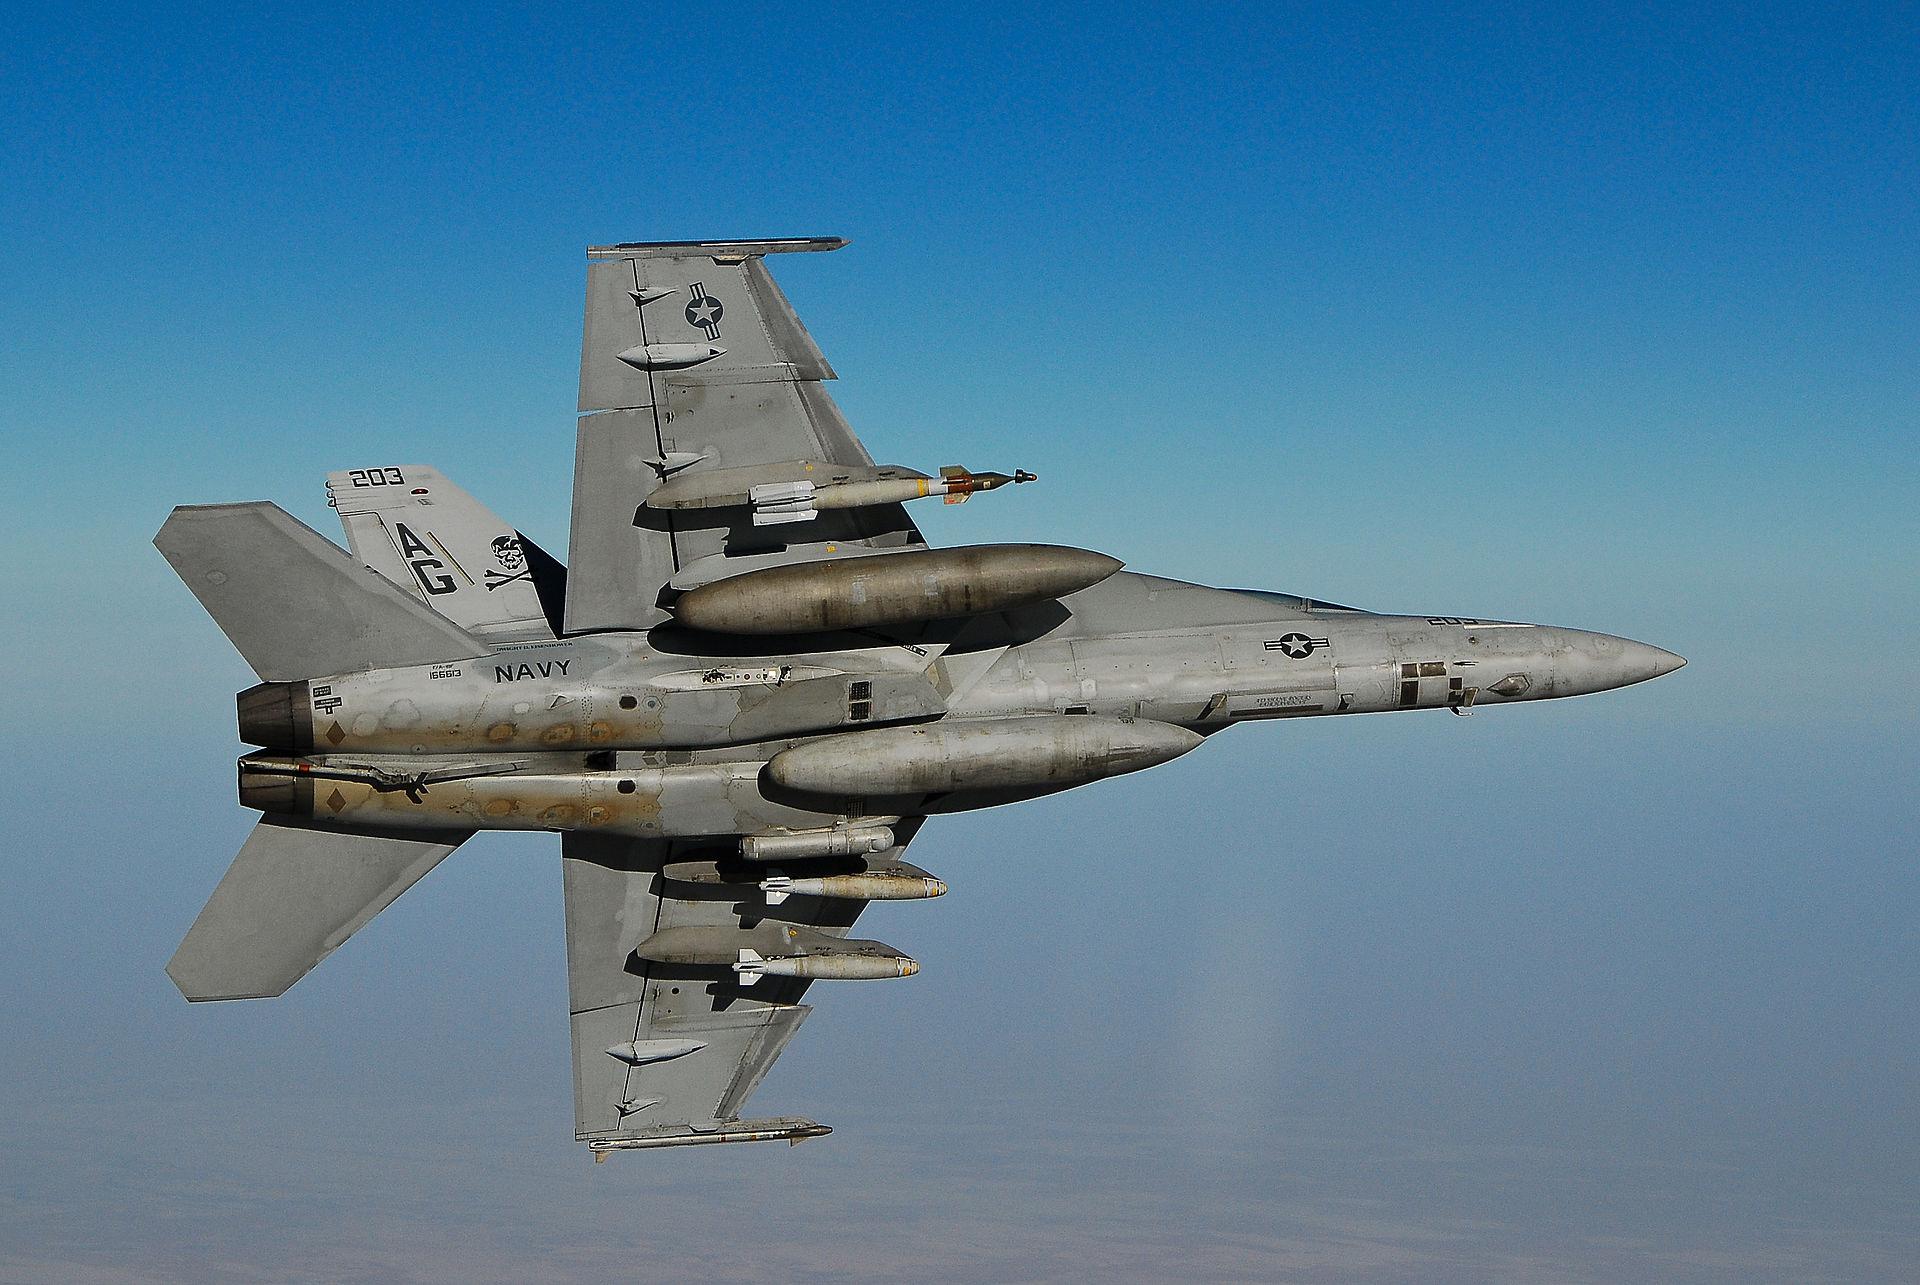 ABD'nin hava saldırısı sonrası 'o gruptan' tehdit!